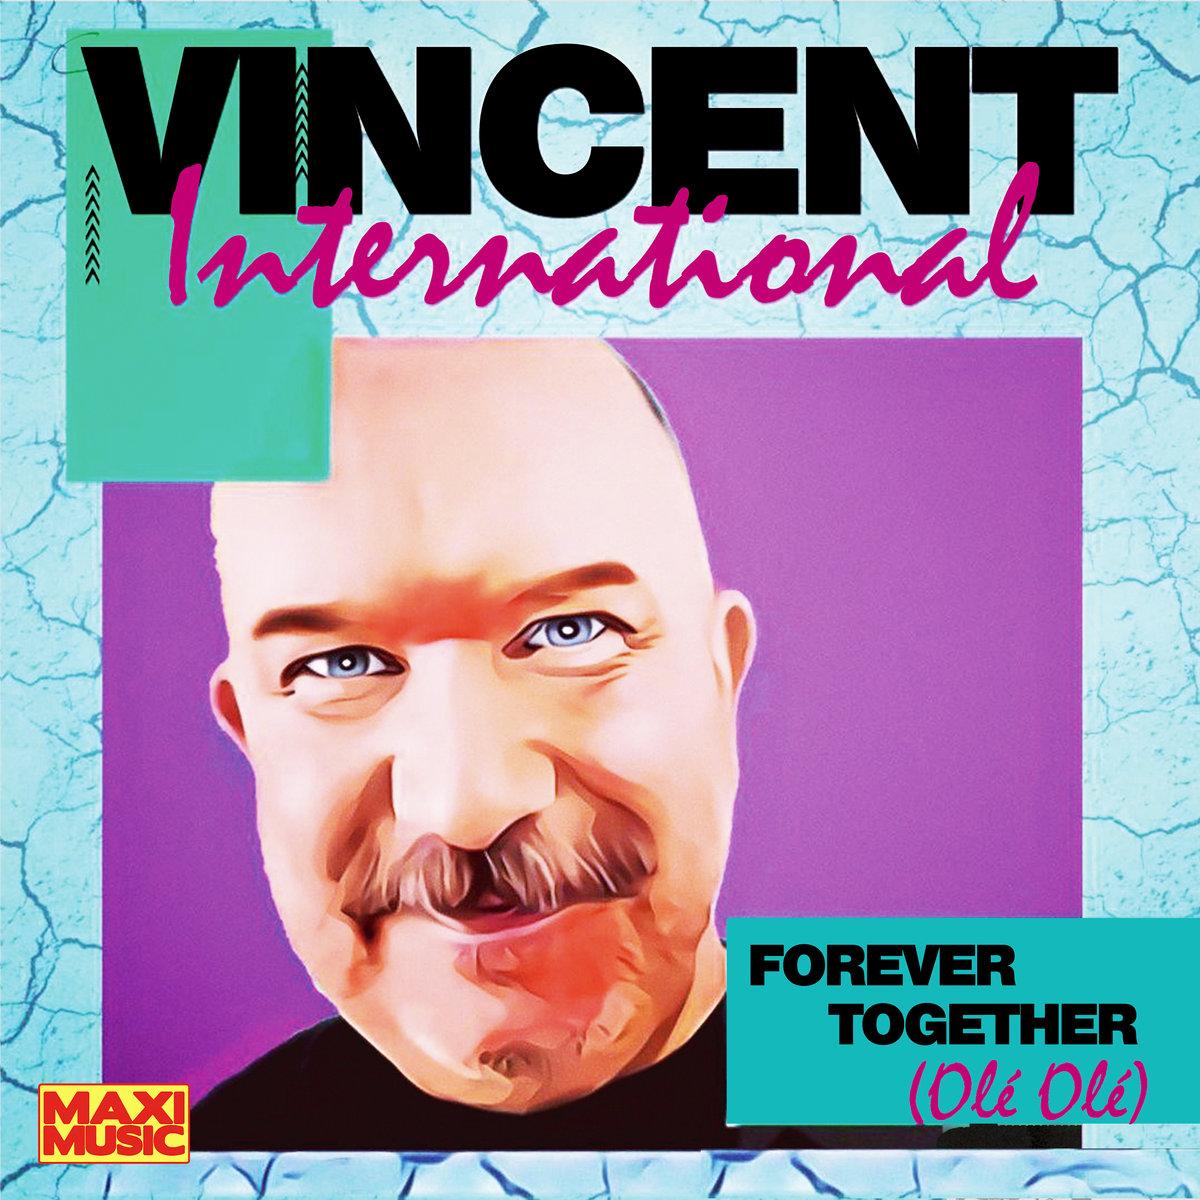 Vincent International - Forever Together (Olé Olé)